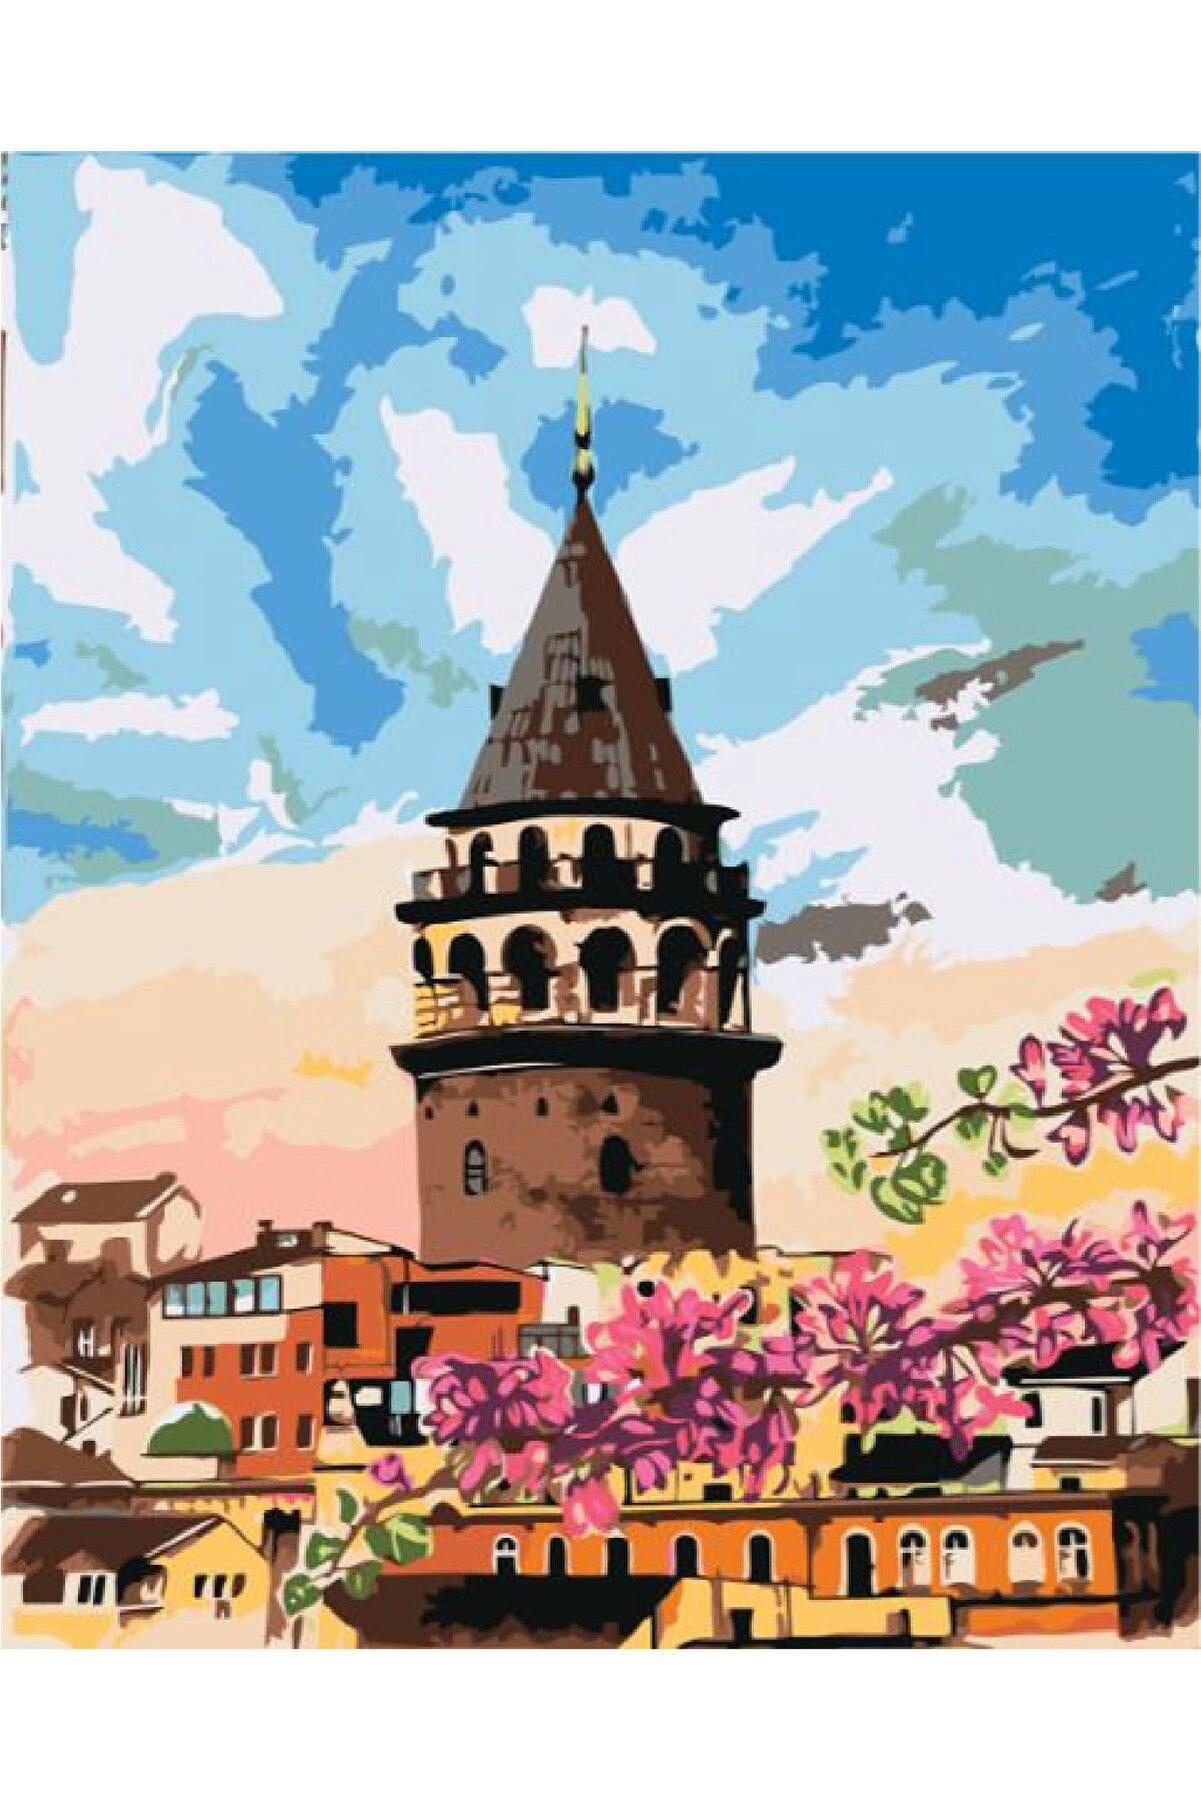 PlusHobby Galata Kulesi Sayılarla Boyama Seti 60x75cm Tuval